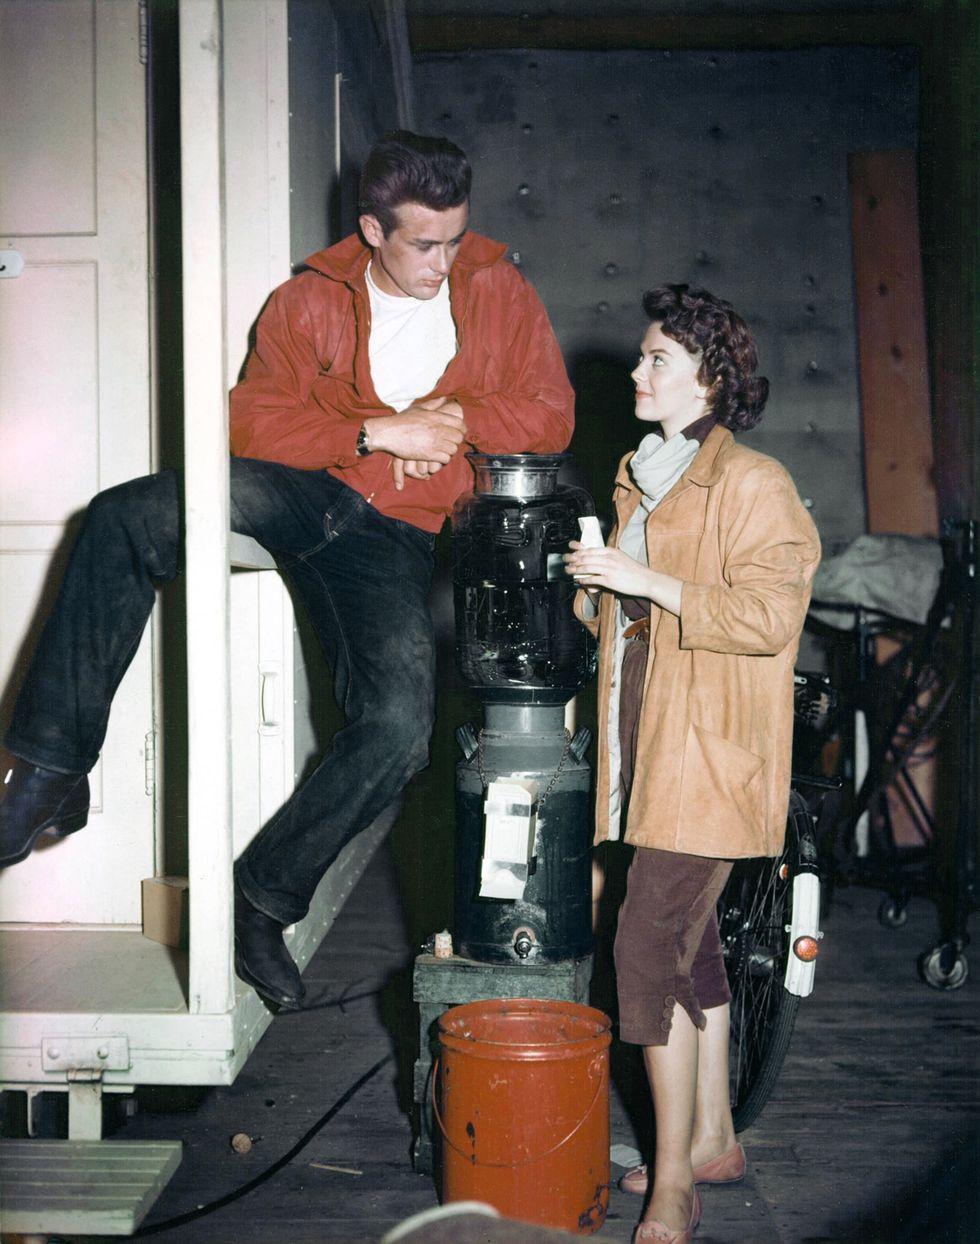 1963 Ông James Dean đã đưa quần jean xanh vào bản đồ cho trai hư ở khắp mọi nơi trong Rebel Without a Cause .